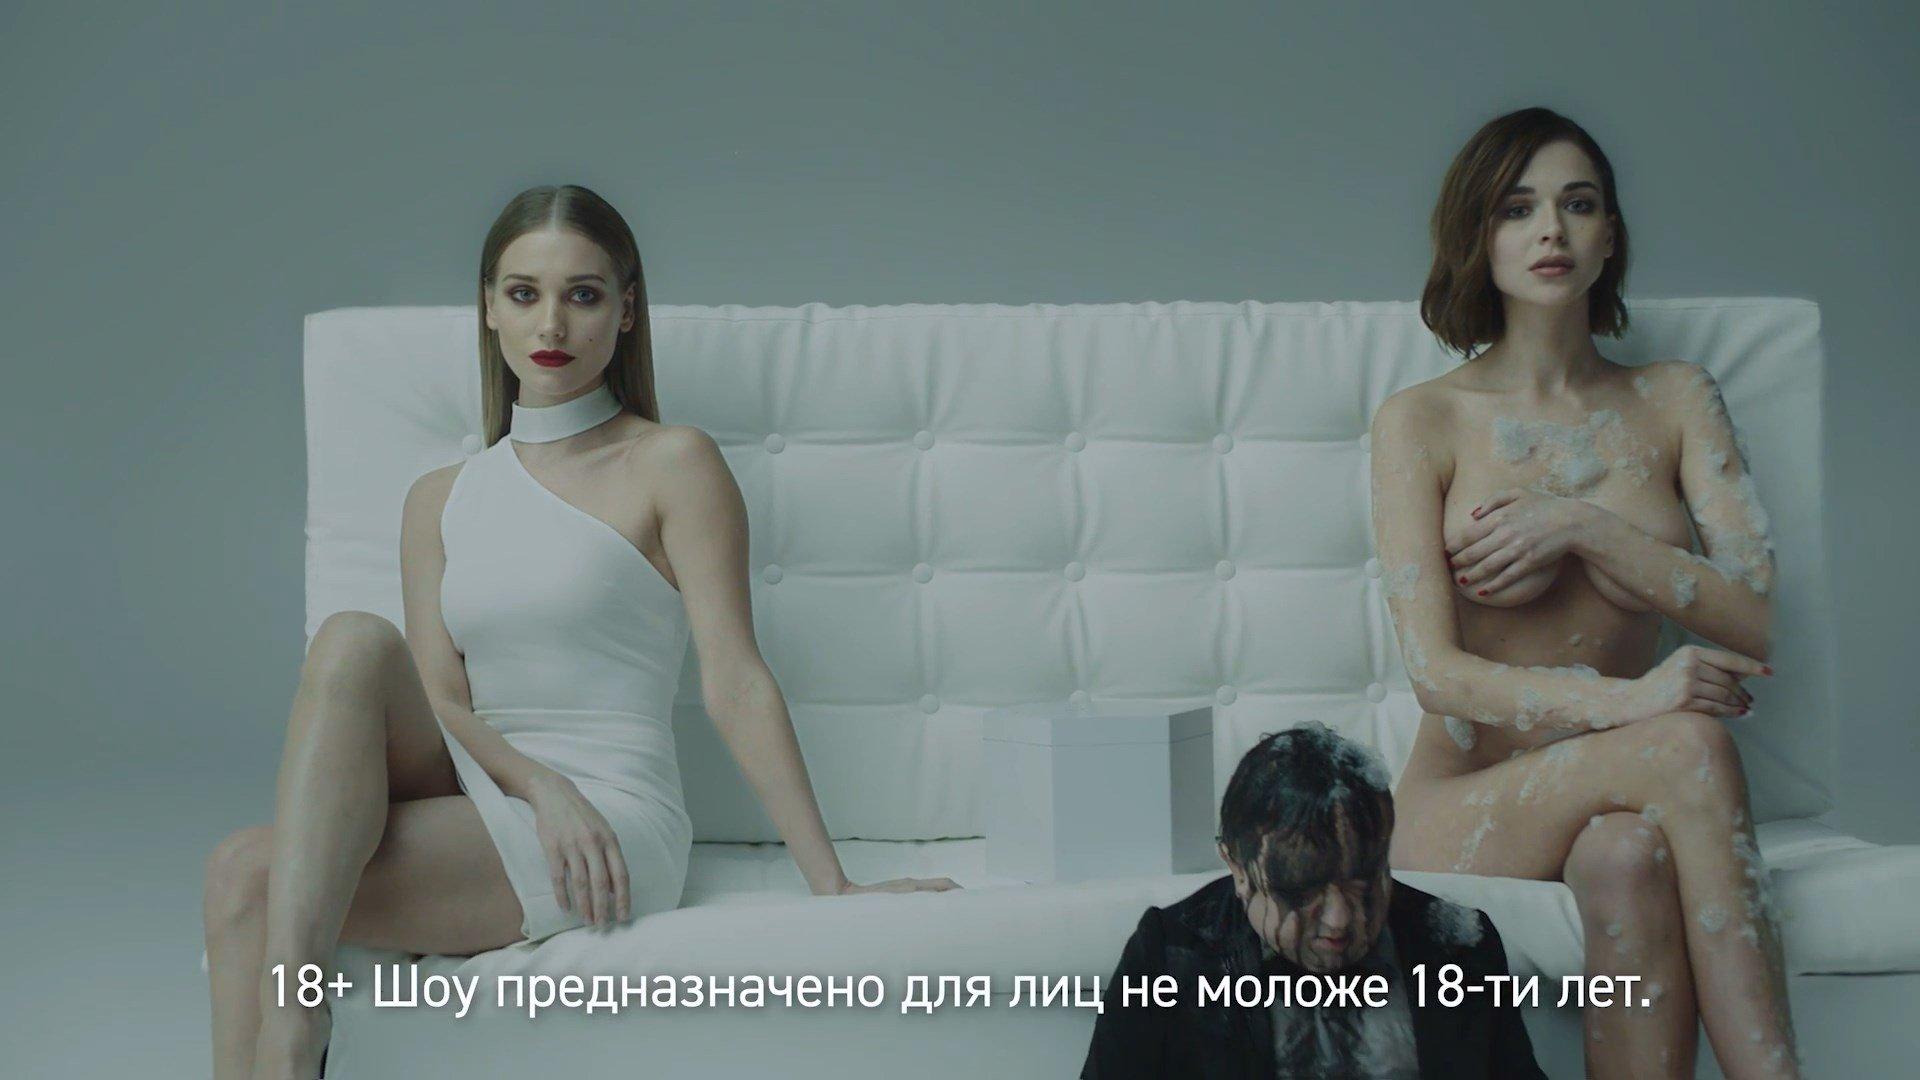 Nackt  Sofia Sinitsyna Sofia Sinitsyna